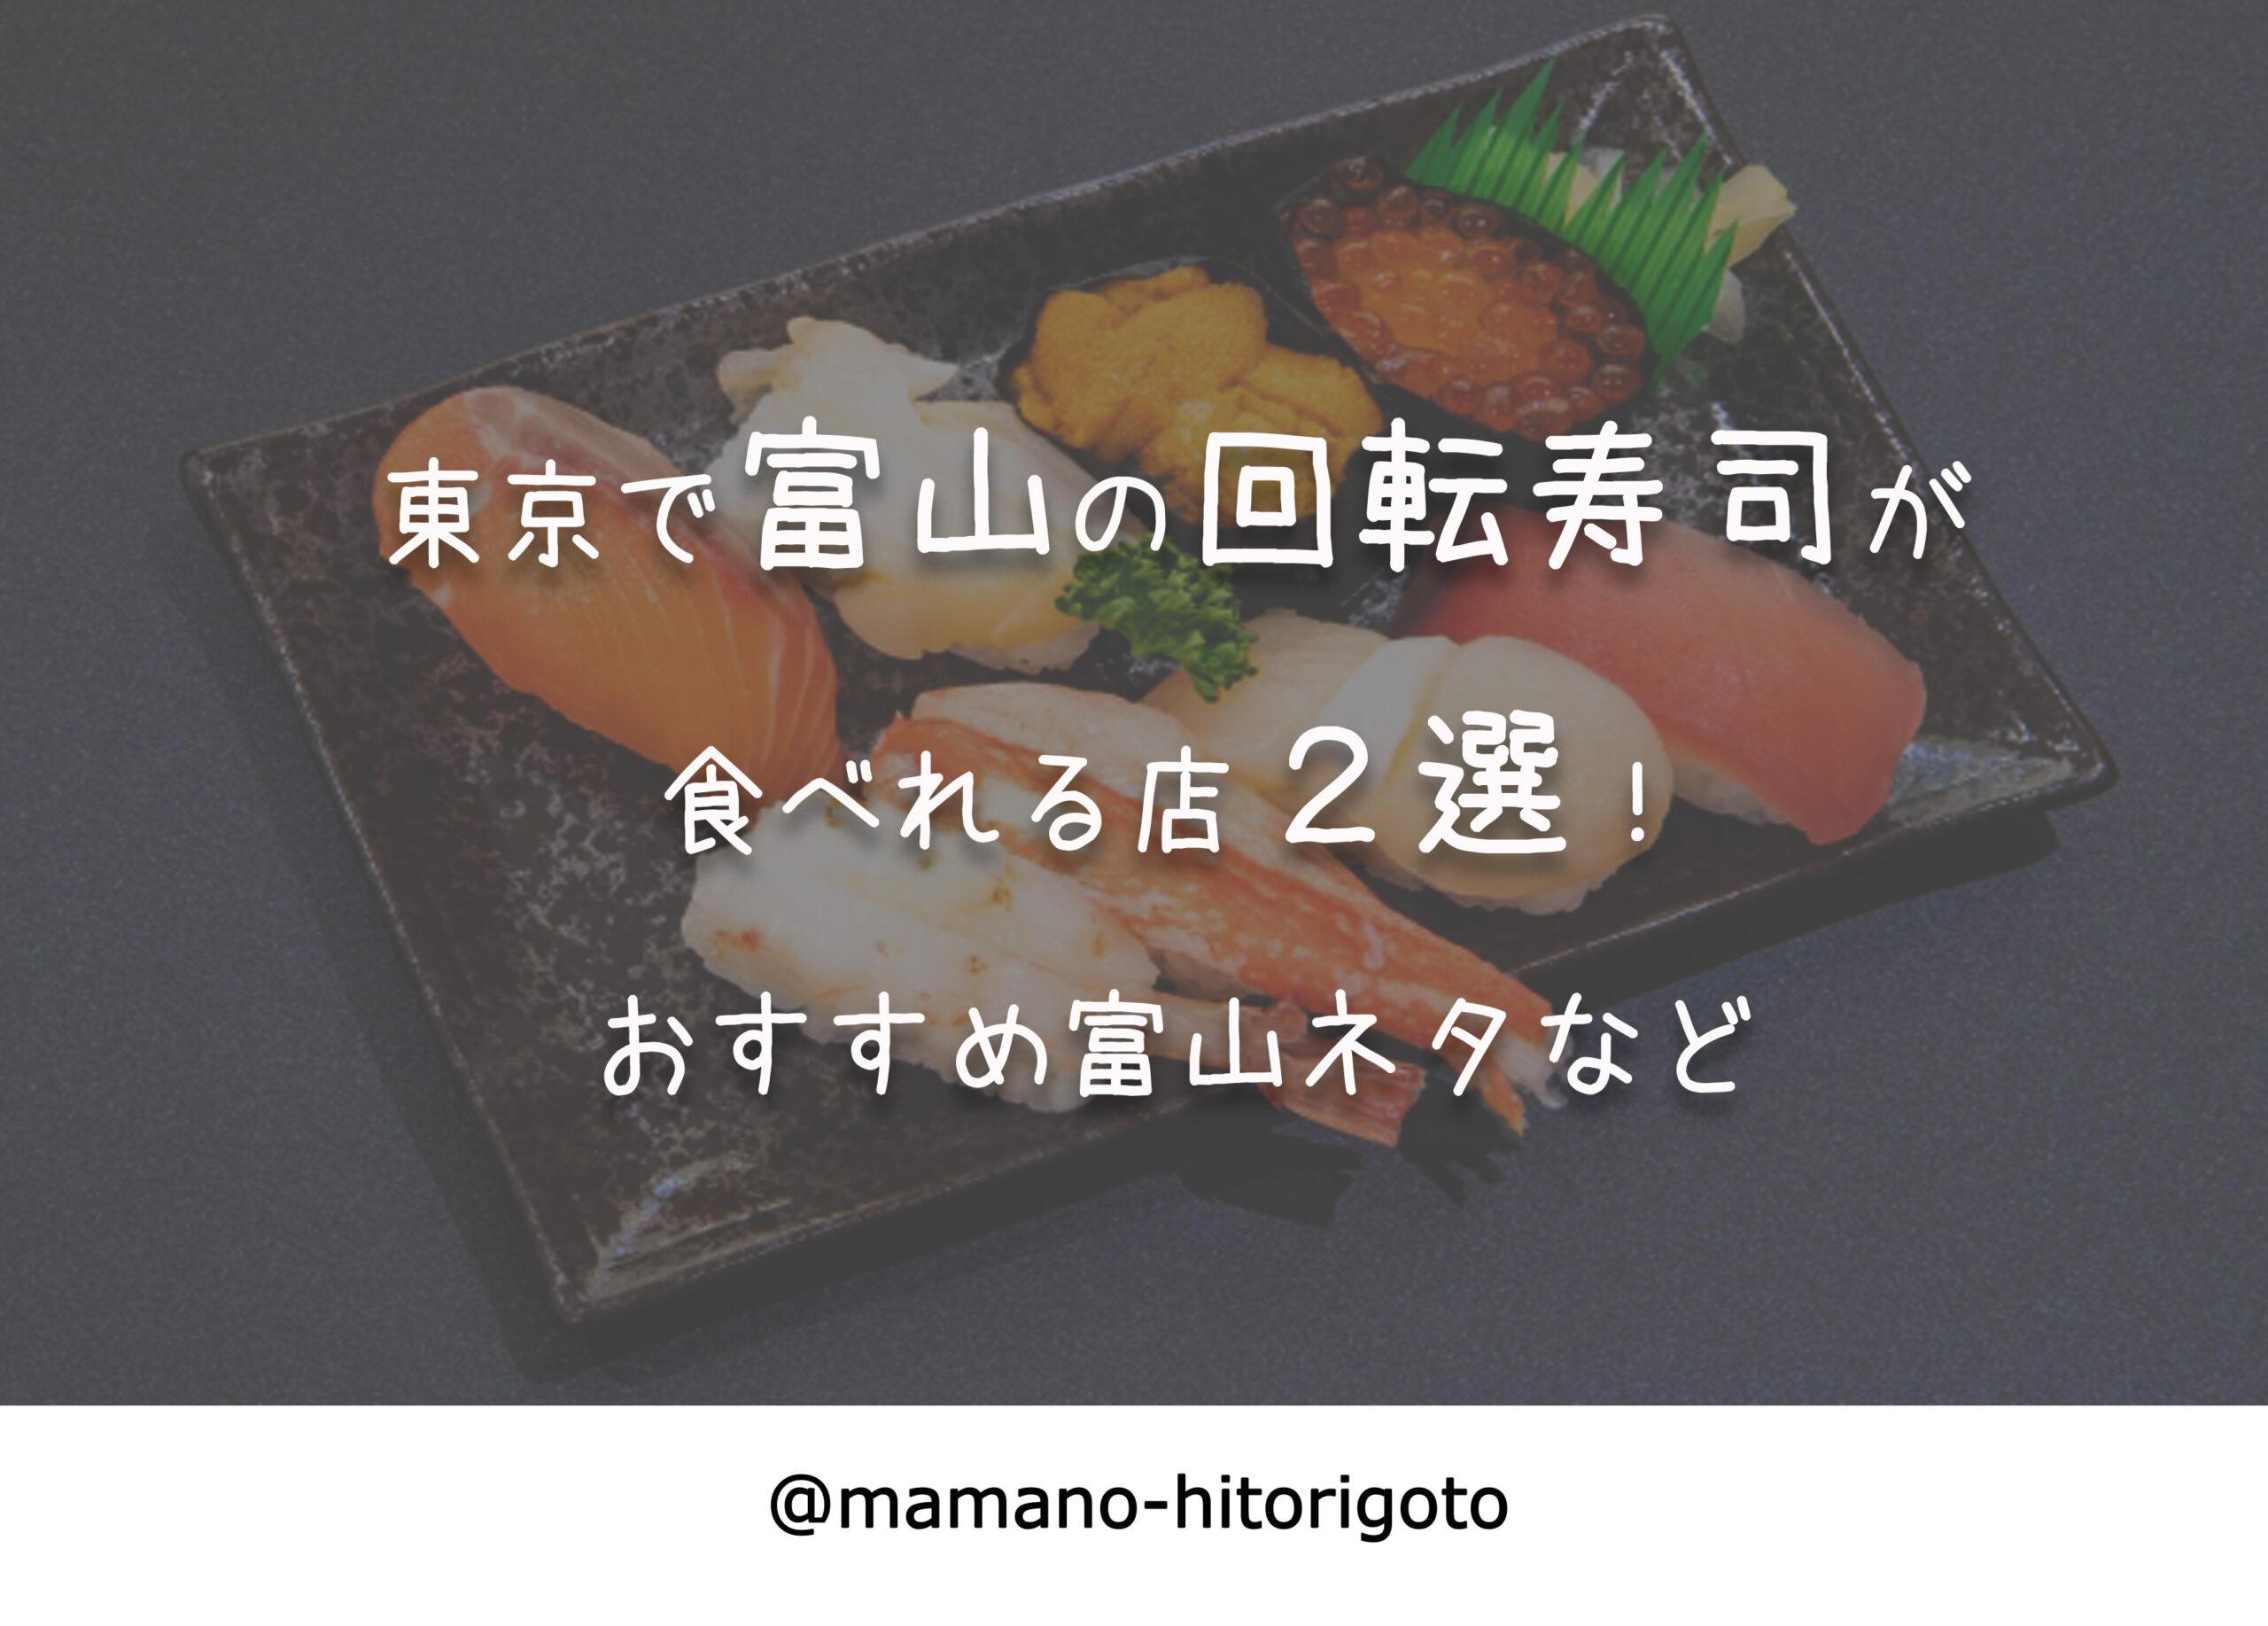 東京で富山の回転寿司が食べれる店2選!おすすめ富山ネタなど